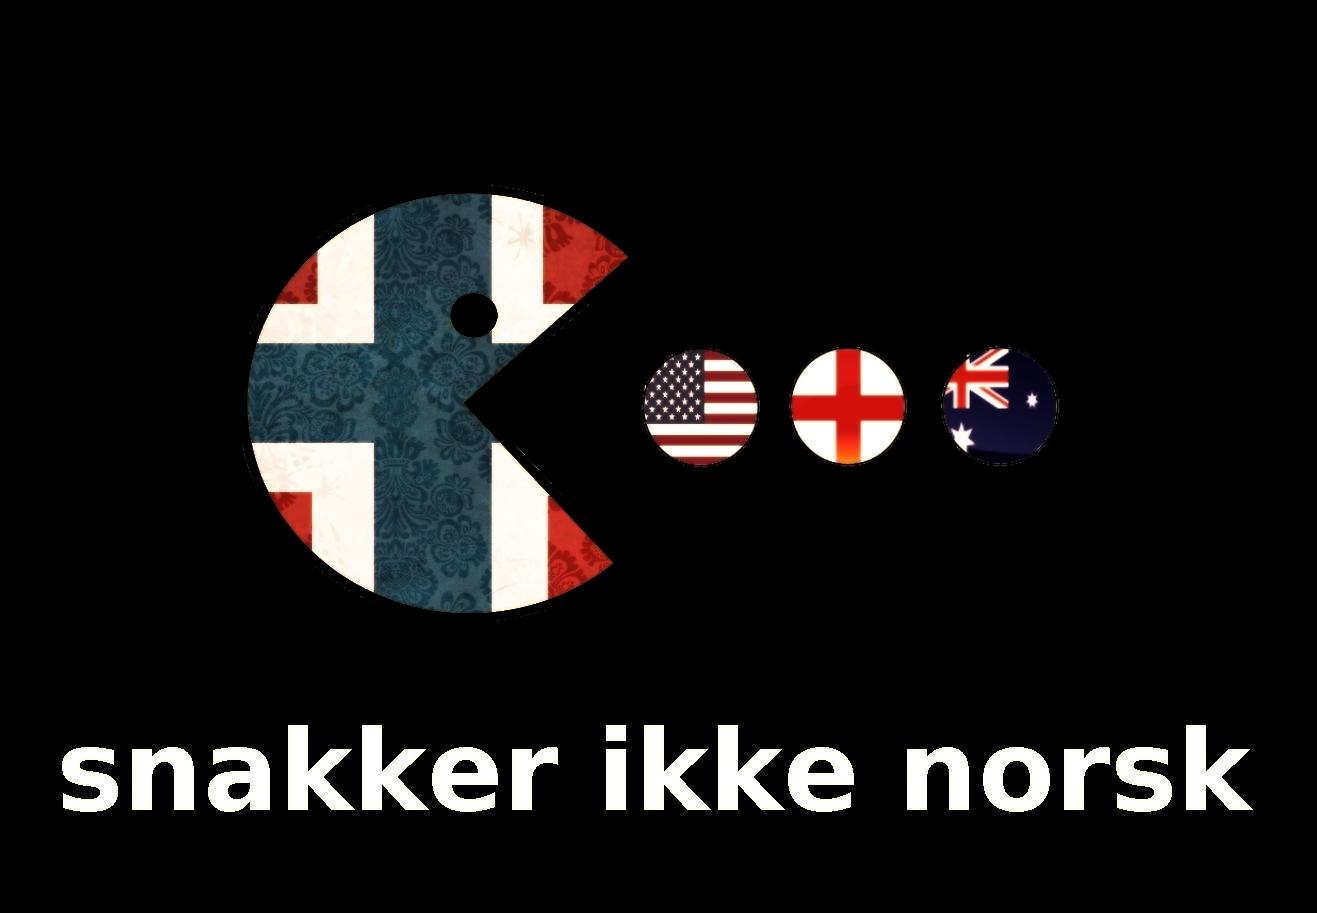 Snakker Ikke Norsk